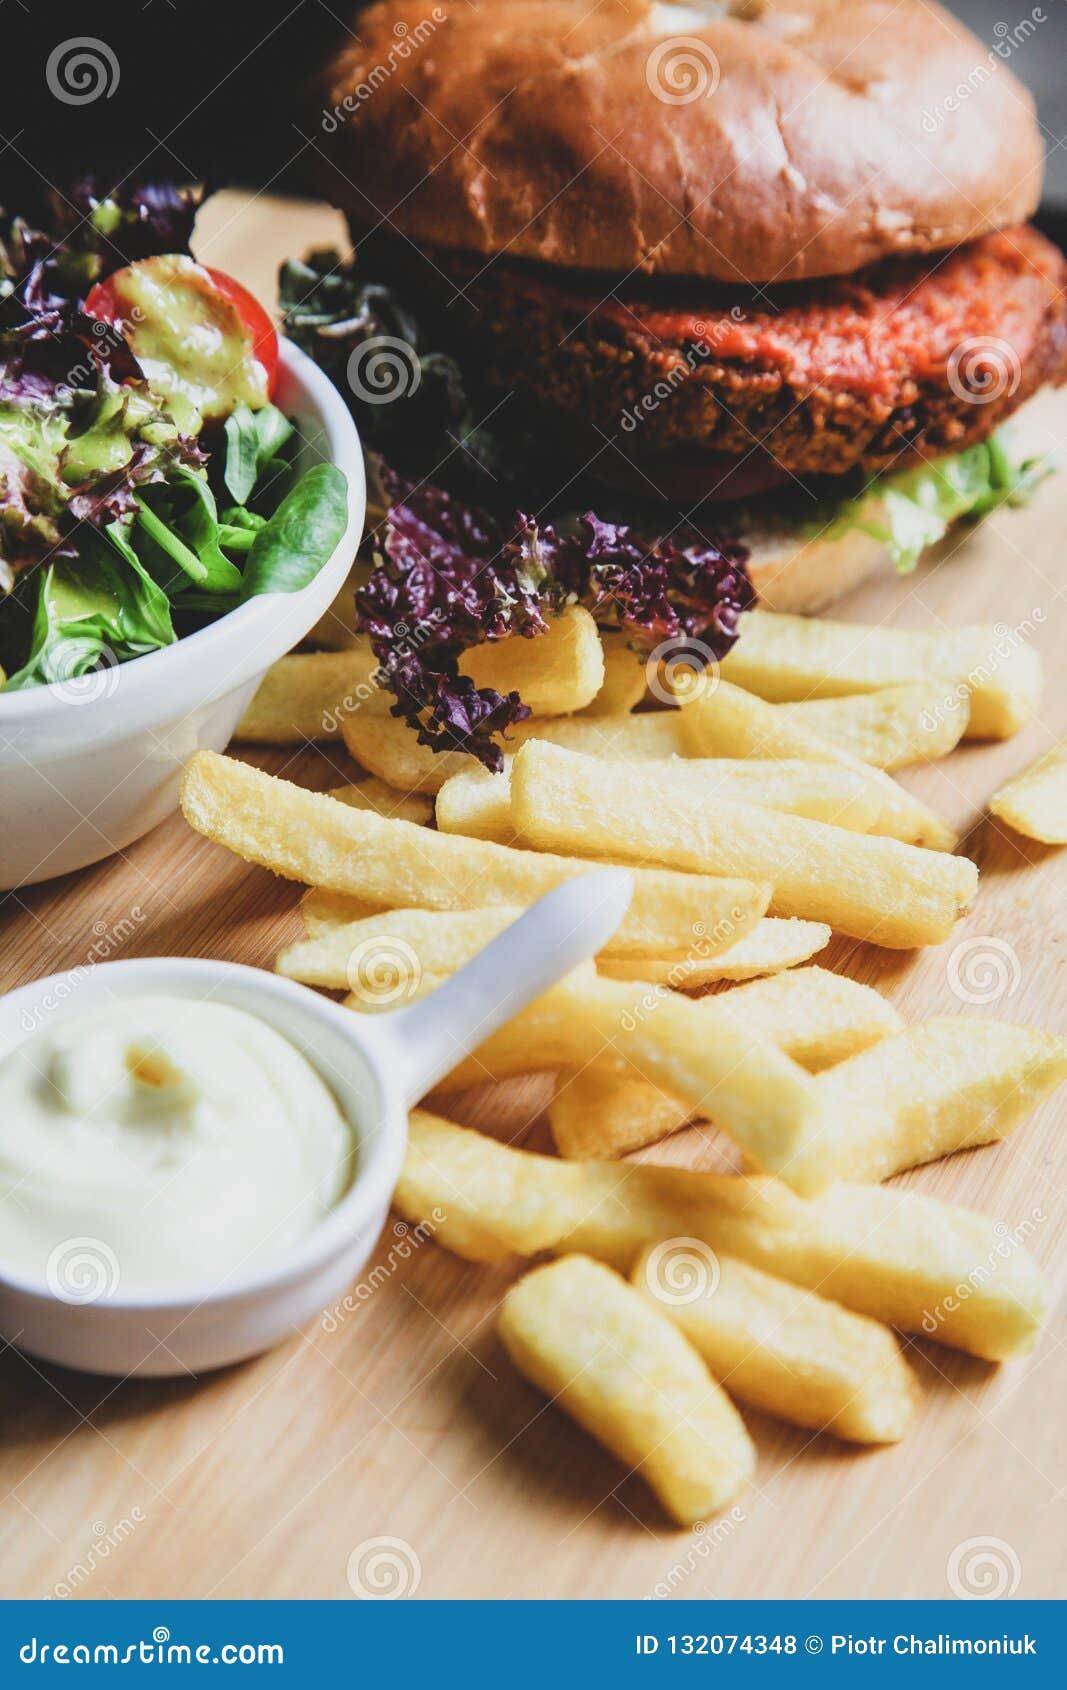 素食主义者汉堡用沙拉和薯条